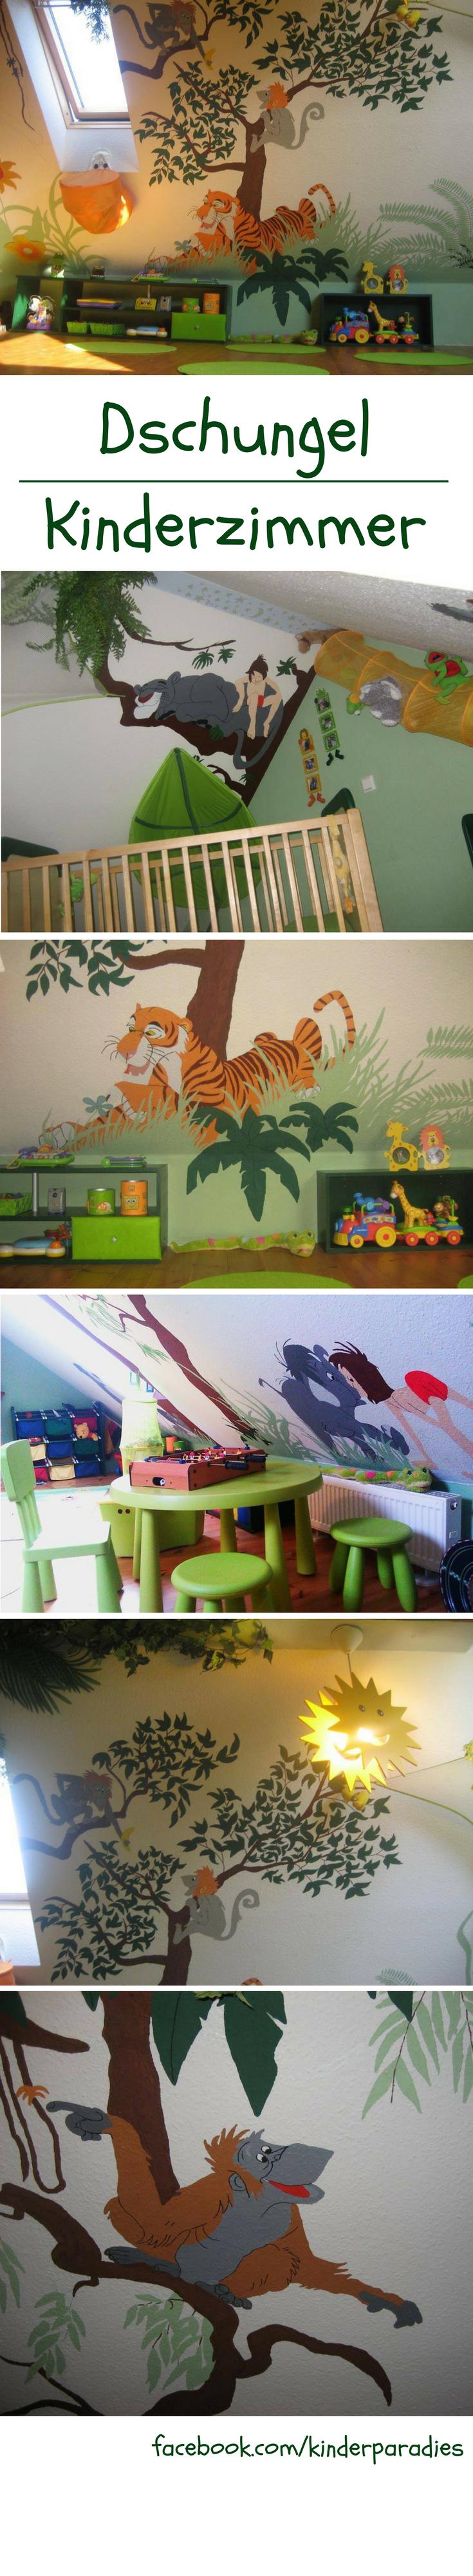 Wandgestaltung in einem Dschungel Kinderzimmer | Wandmalerei ...